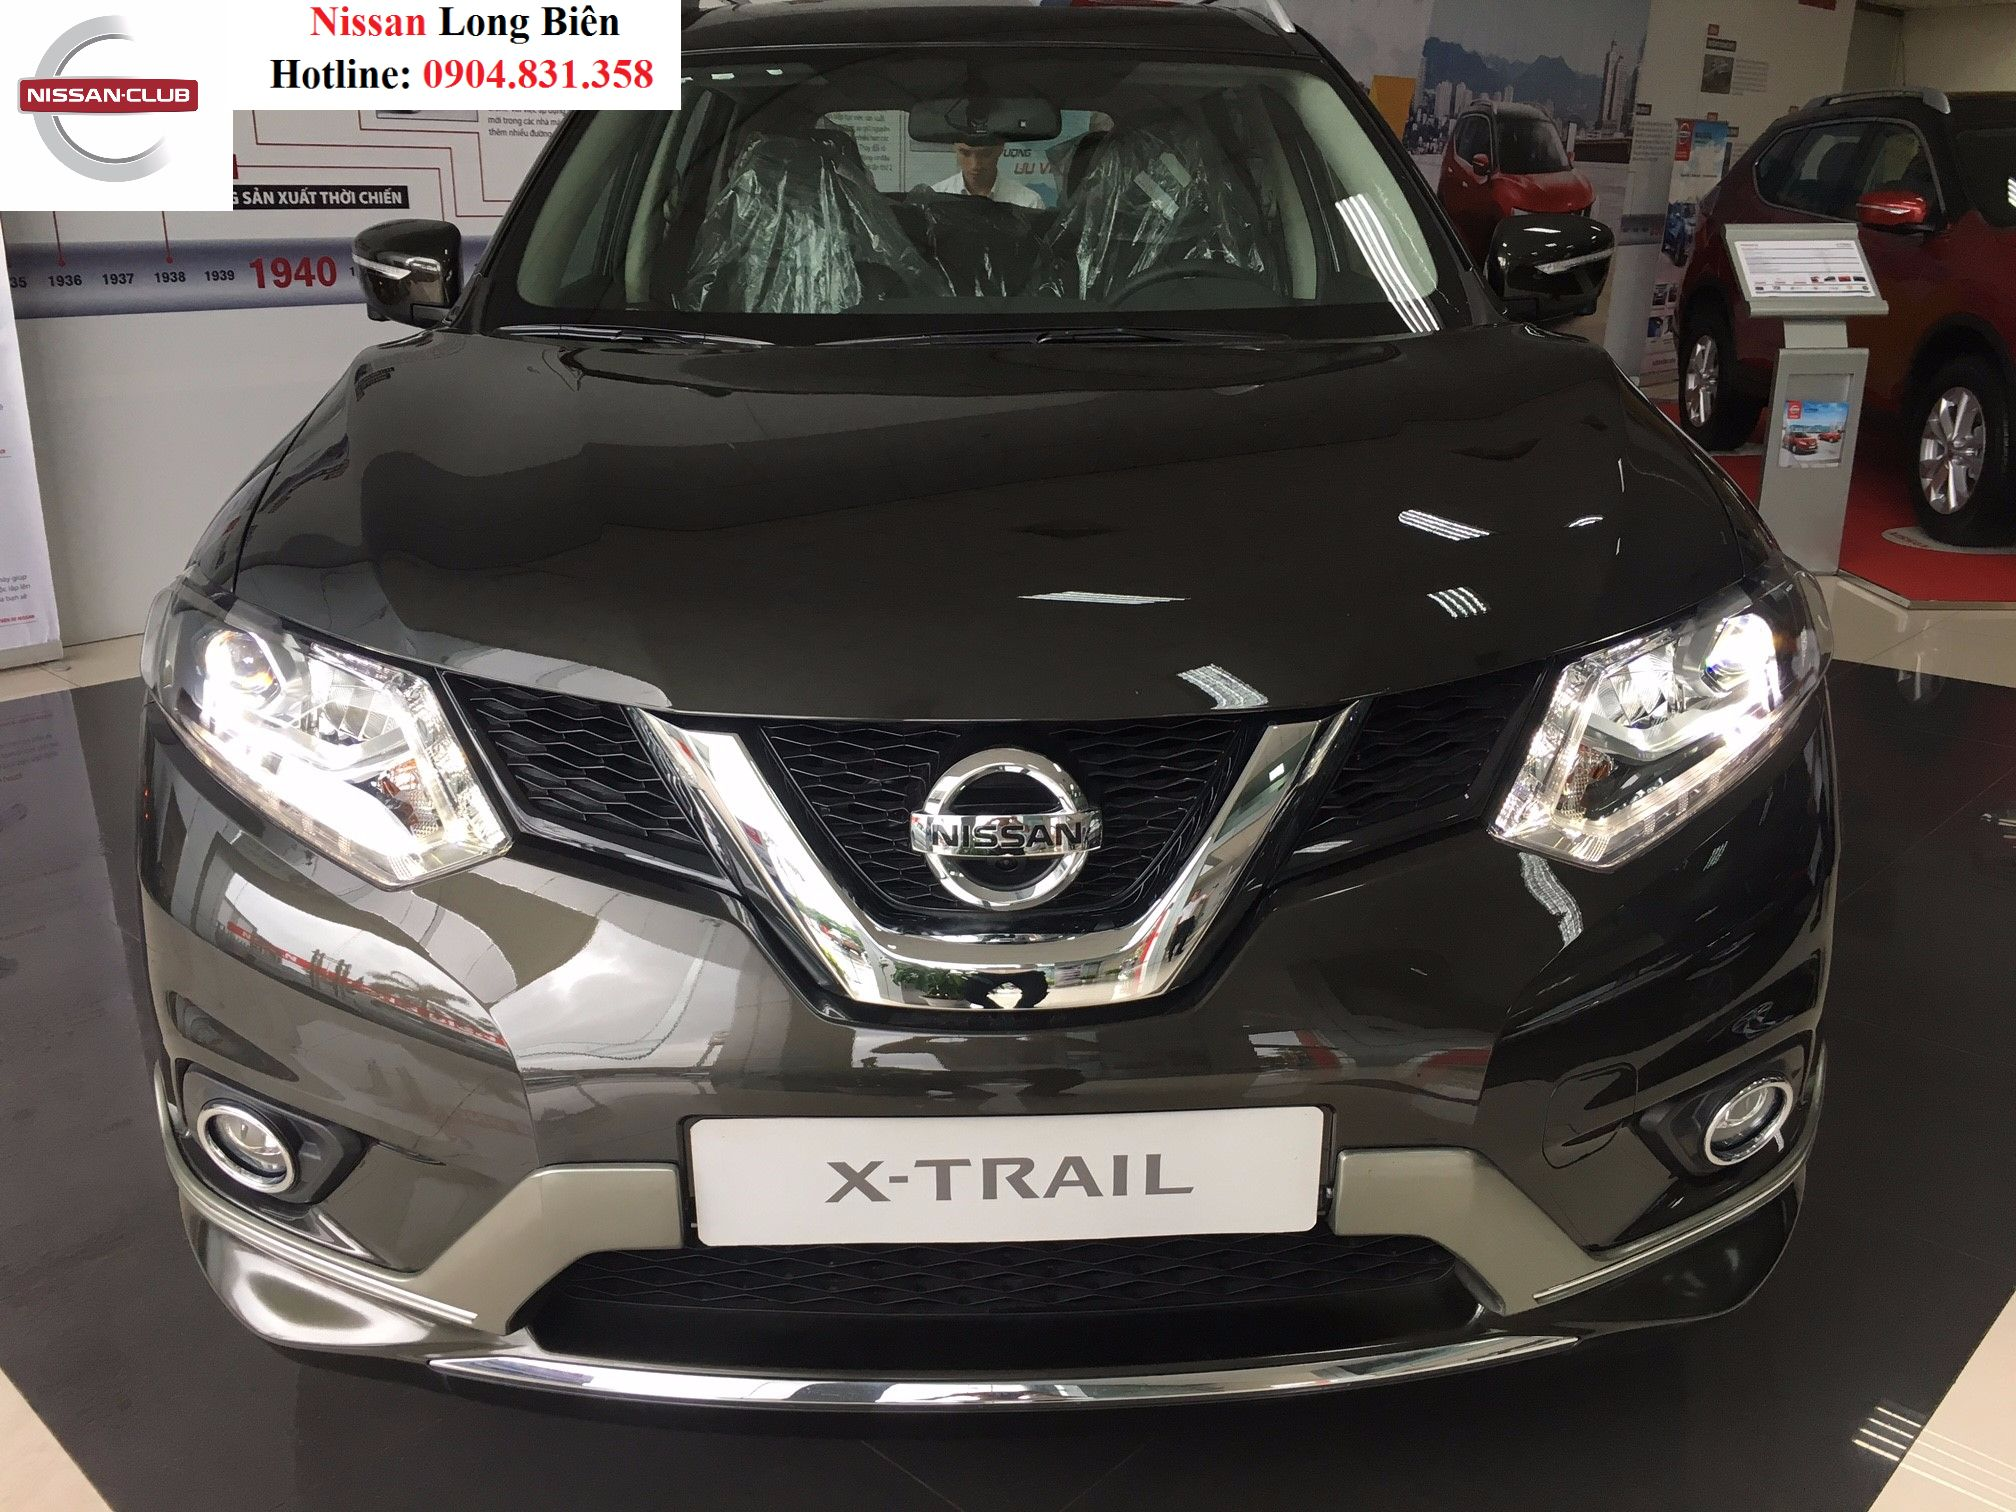 Nissan X-trail 2.5SV và Nissan X-Trail 2.0SL : Nissan chiêu đãi khách hàng bằng cặp đôi Premium L